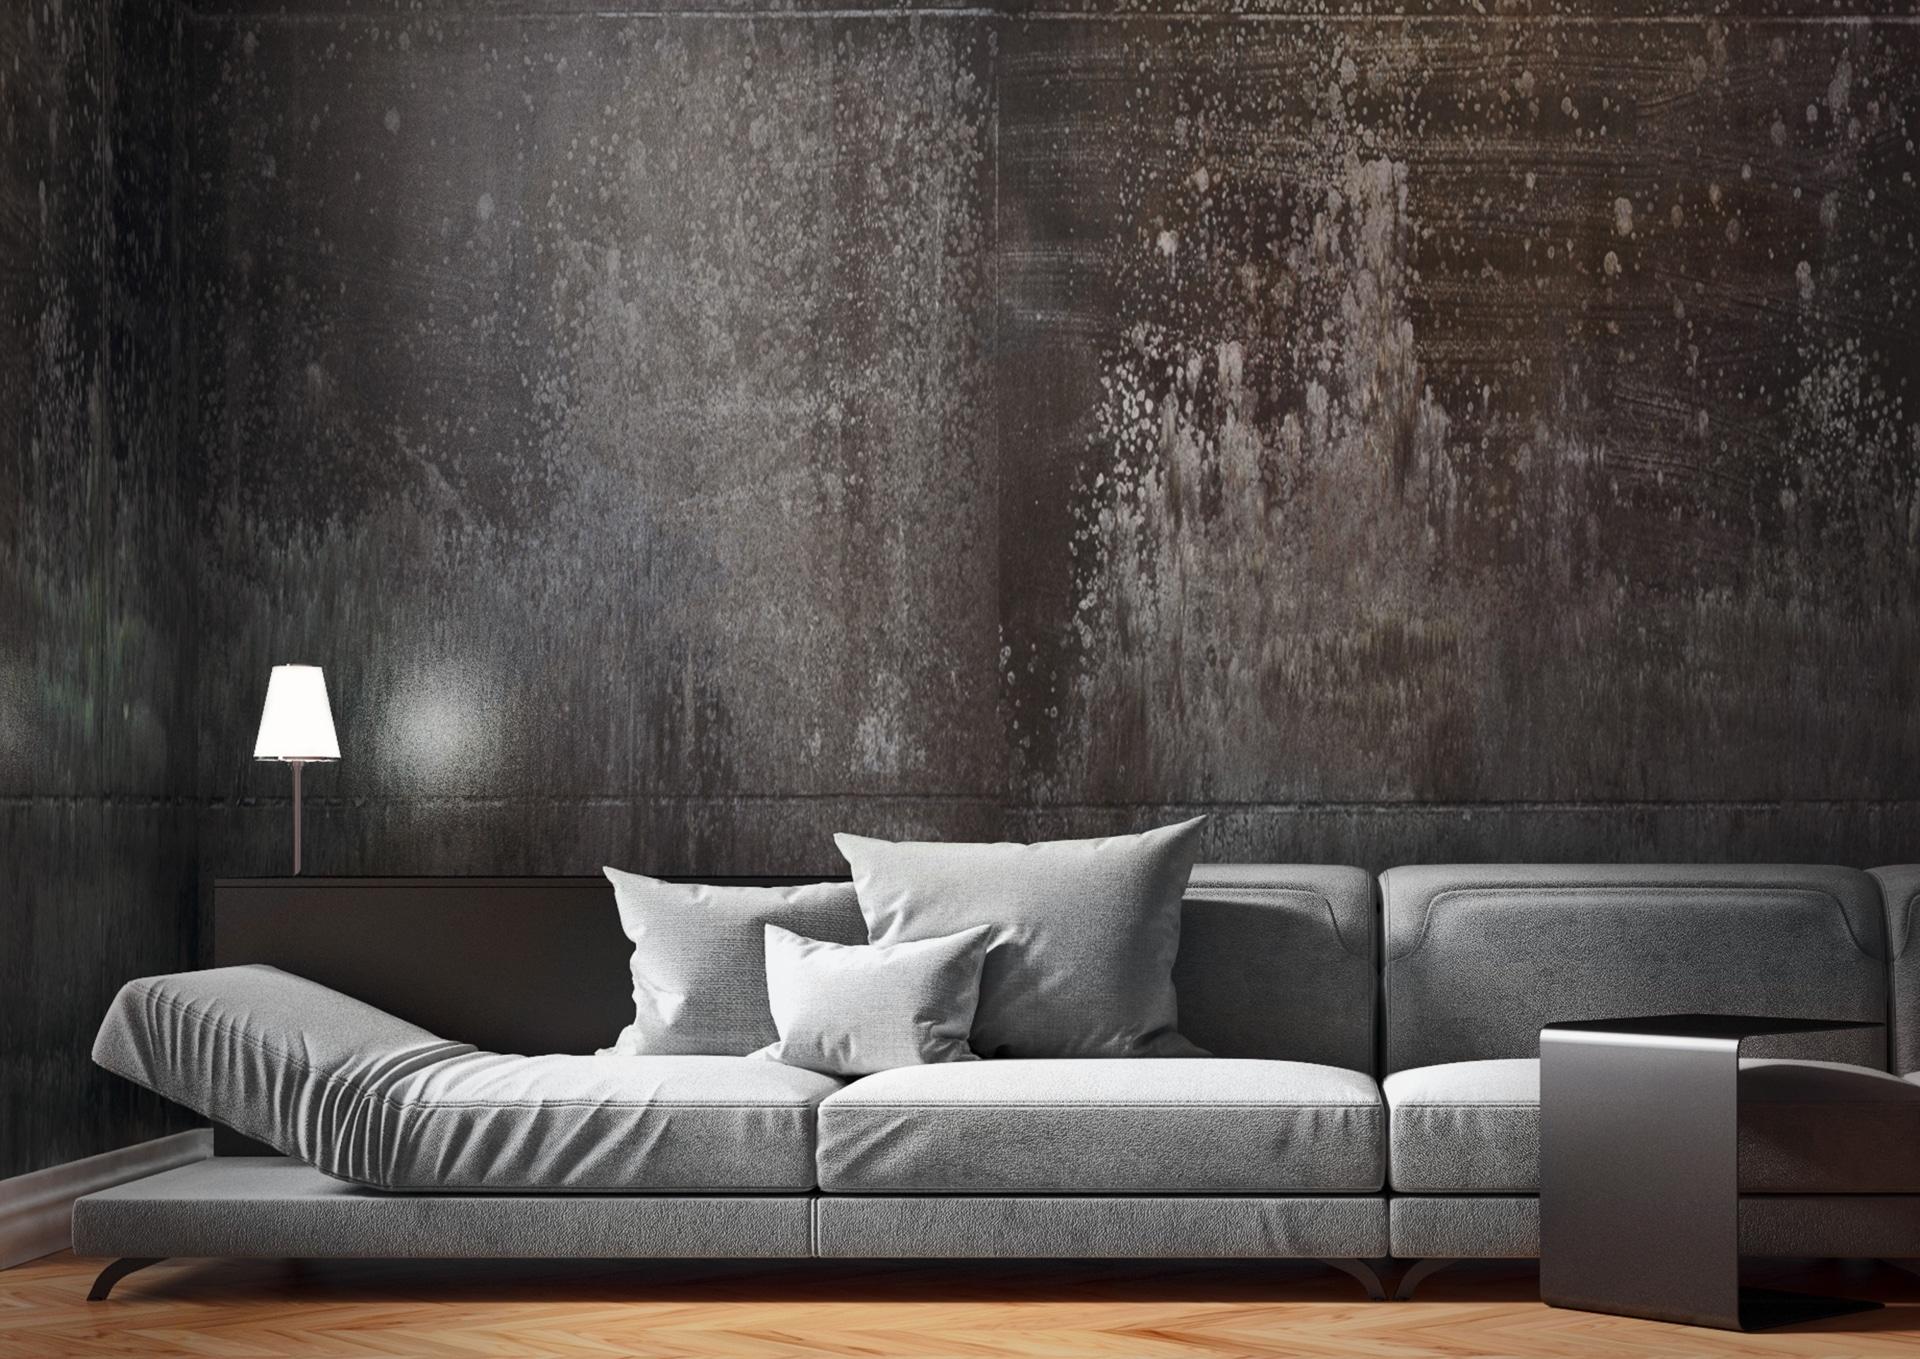 Graue Stoffcouch vor moderner dunkeln Wand